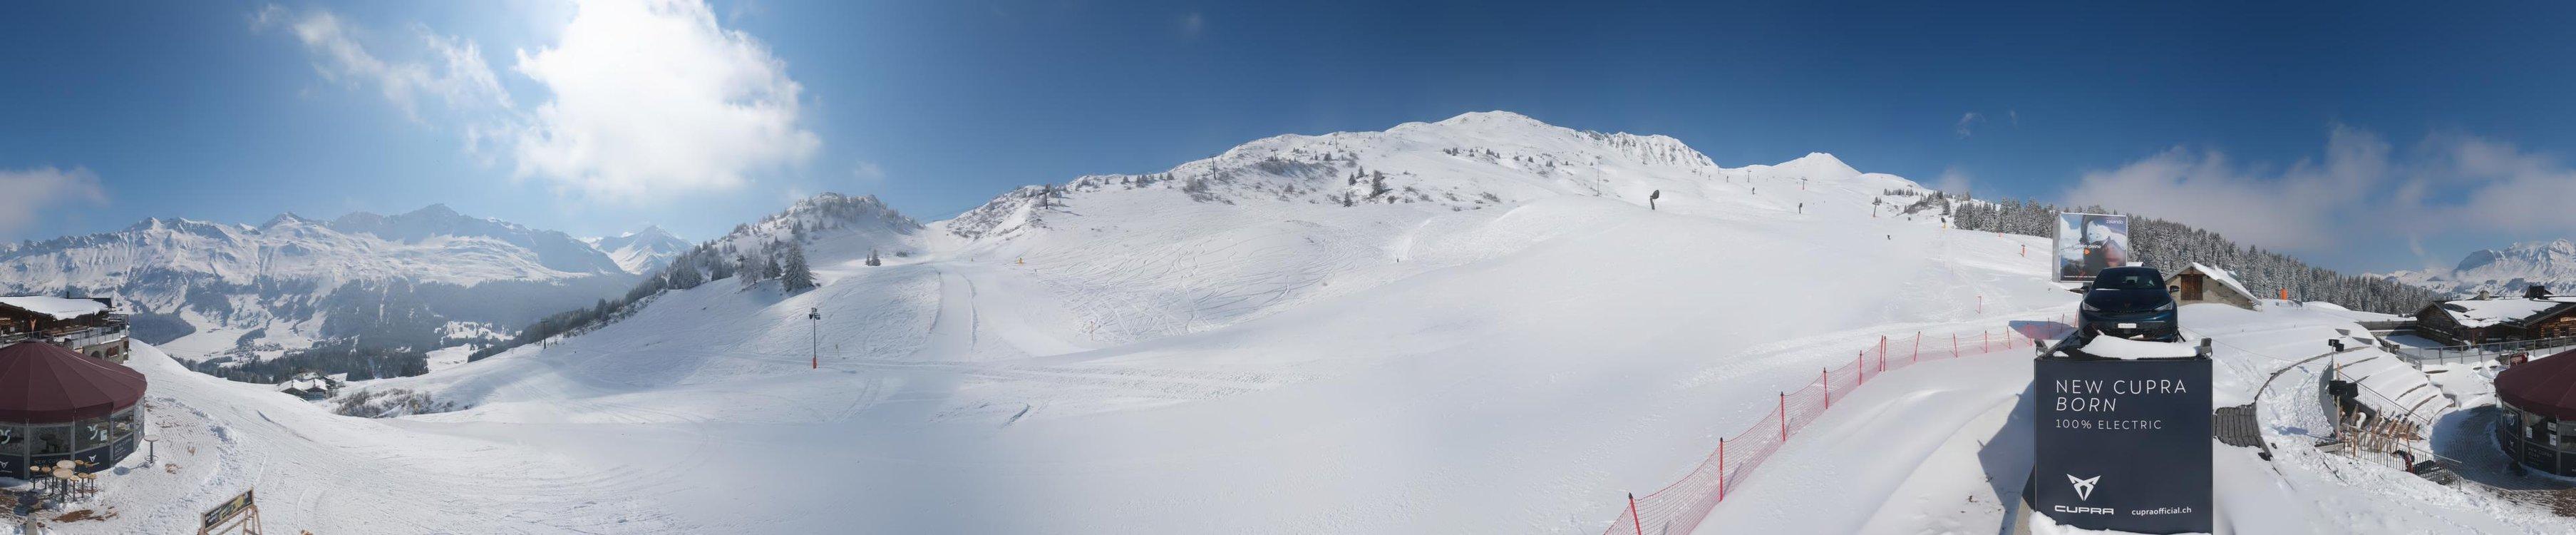 Alp Stätz